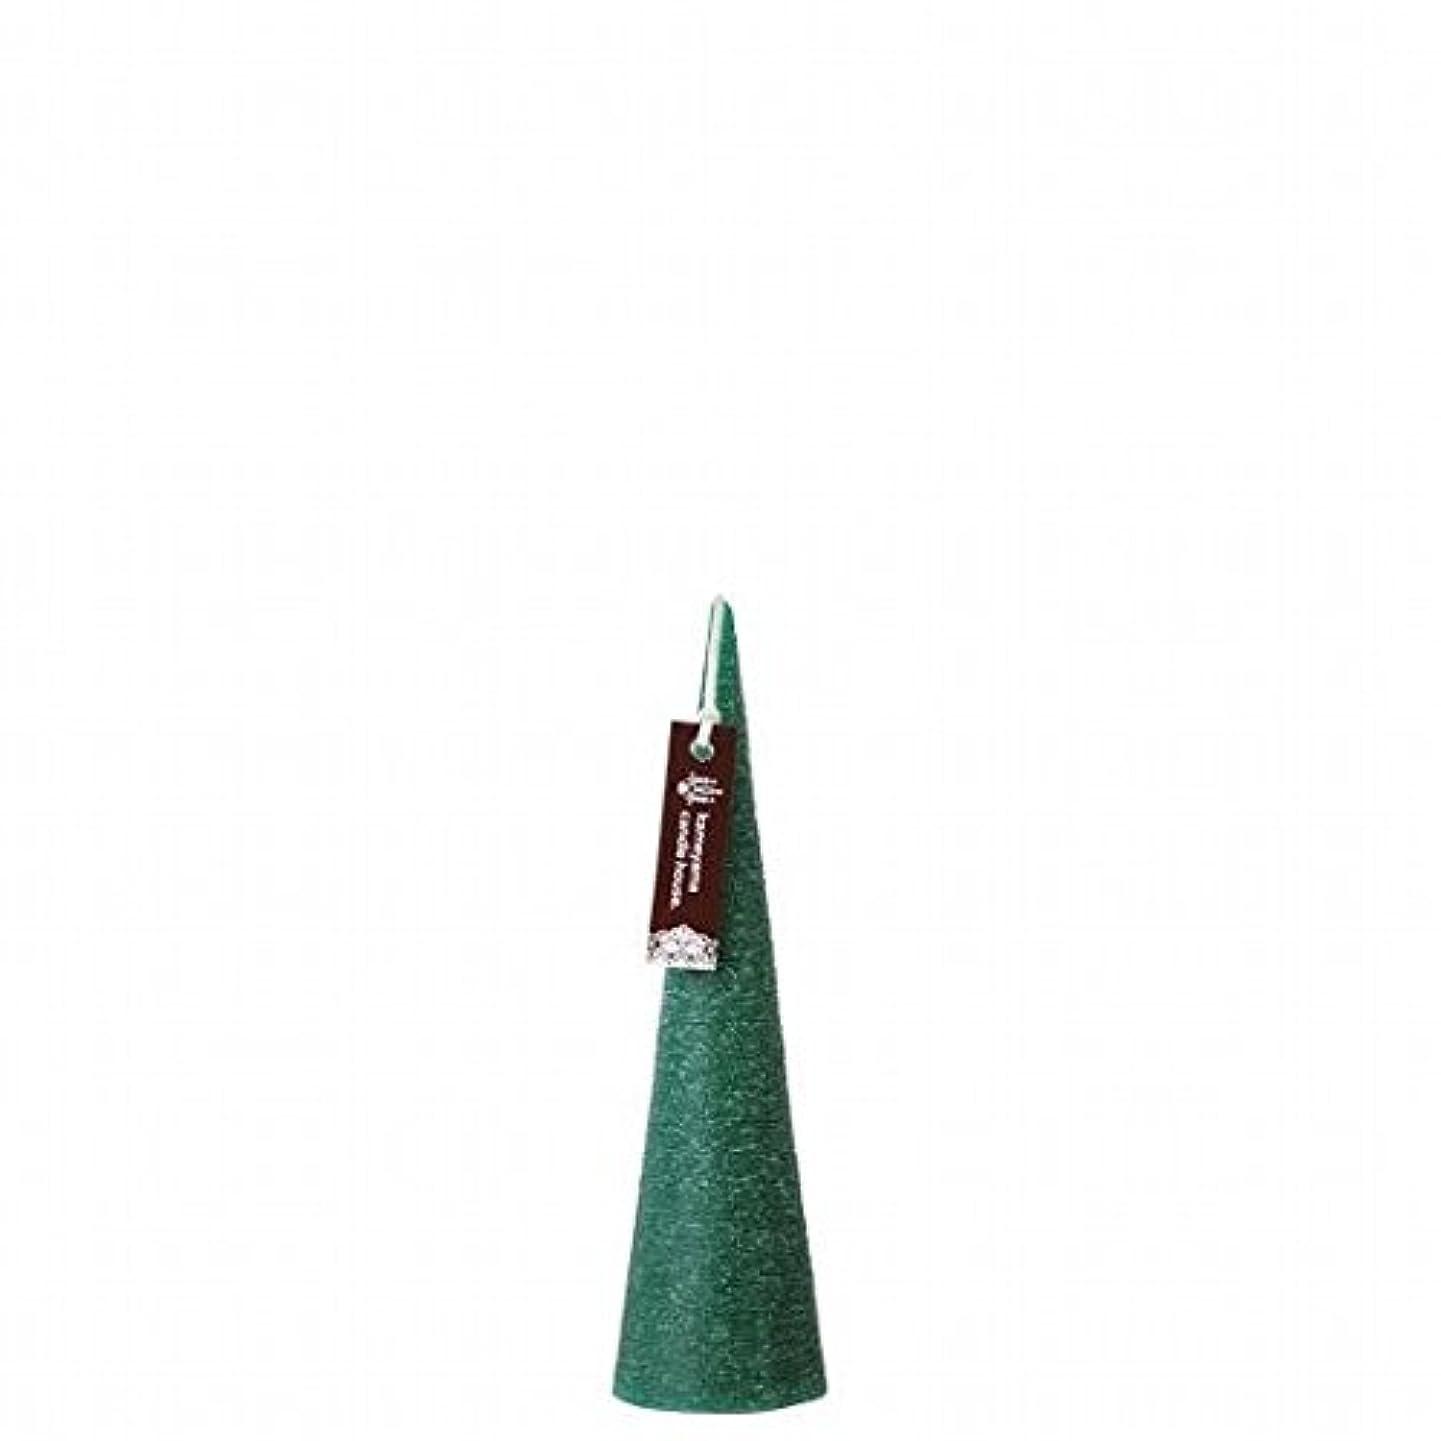 フットボール尊厳切り刻むkameyama candle(カメヤマキャンドル) ブラッシュコーンSS 「 グリーン 」(A9550000G)